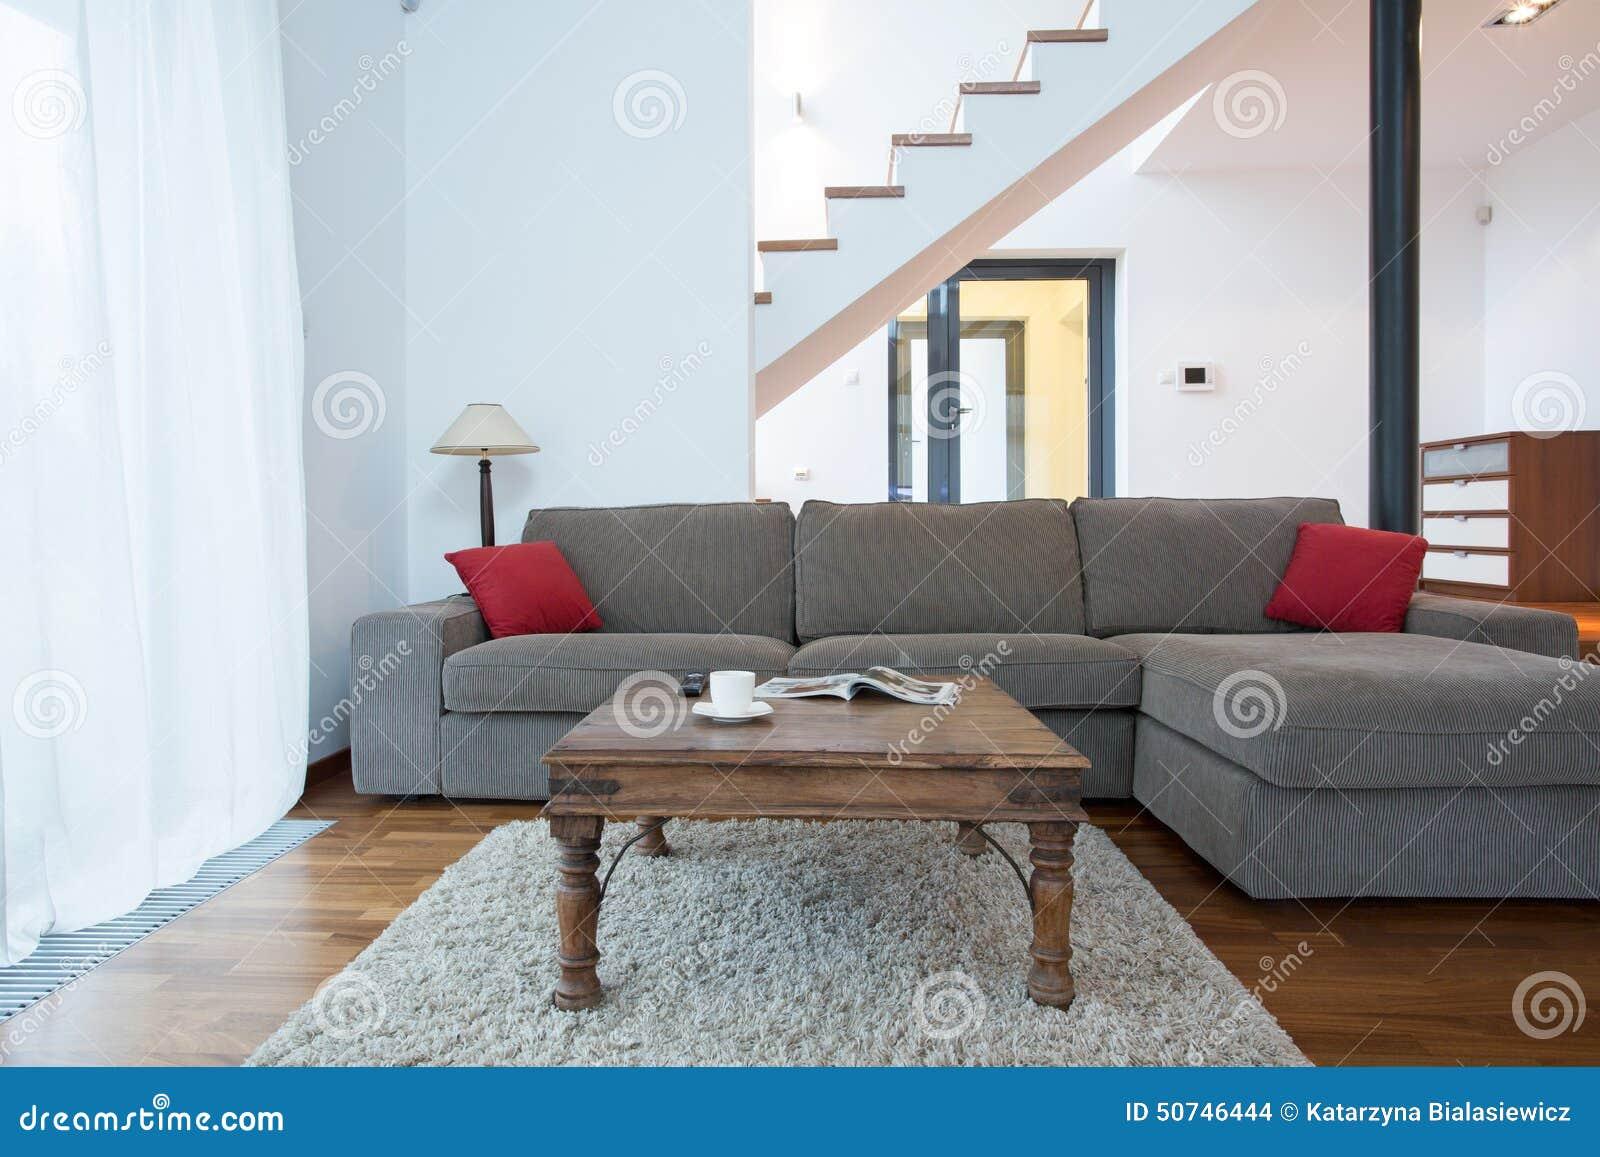 groes bild wohnzimmer grosse bilder frs wohnzimmer sachliche auf ideen plus groe frs ess with. Black Bedroom Furniture Sets. Home Design Ideas